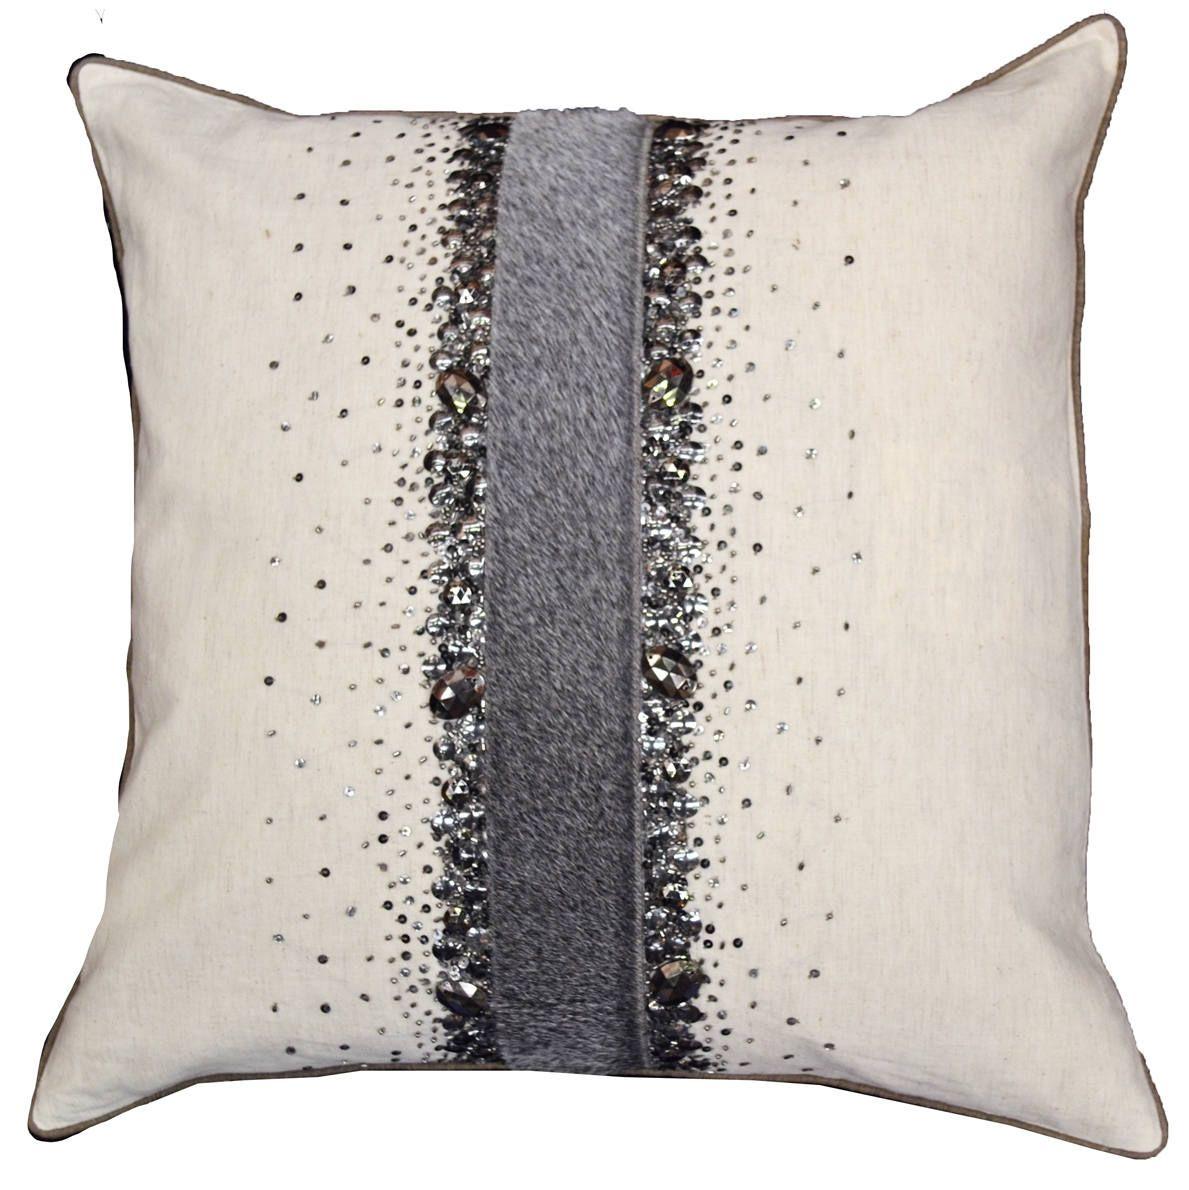 Cloud9 Design 12184ga Wh 20x20 Karia Decorative Pillow Definingelegance Cloud9design Decorativepillow Throw Pillows Coral Throw Pillows Decorative Pillows